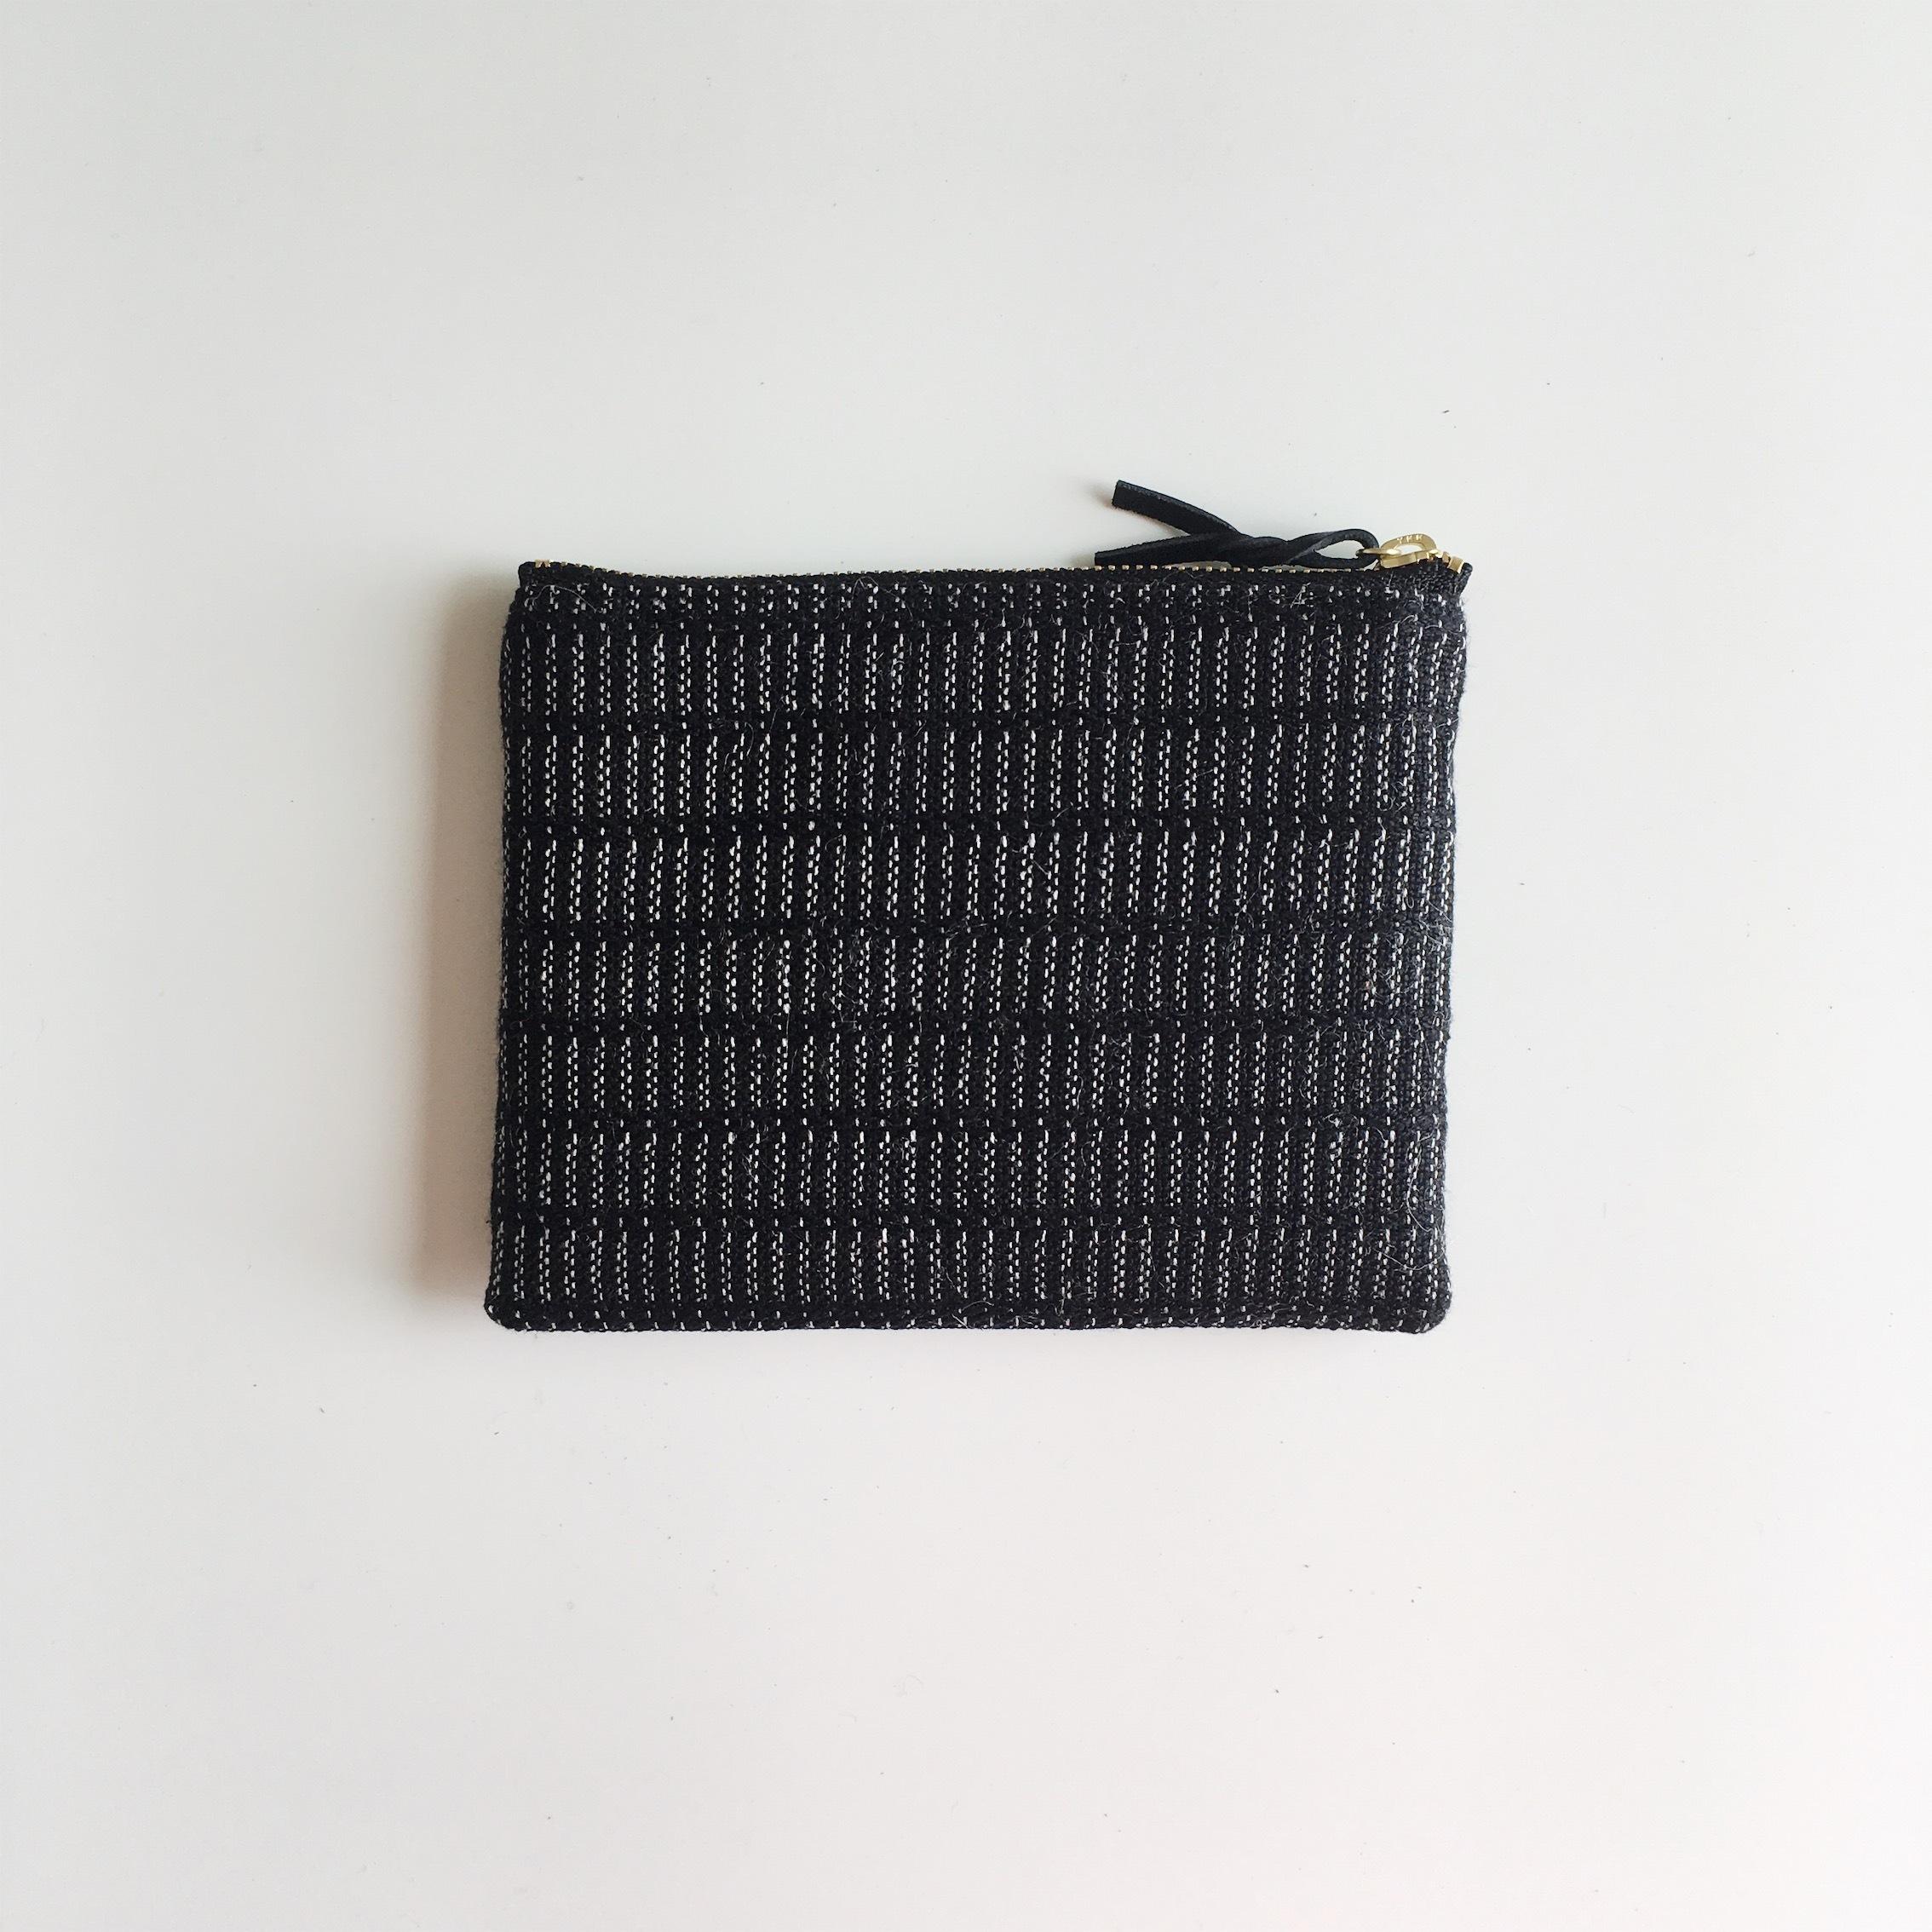 手織りミニポーチ(Accessory case 14cm Black Alinea)